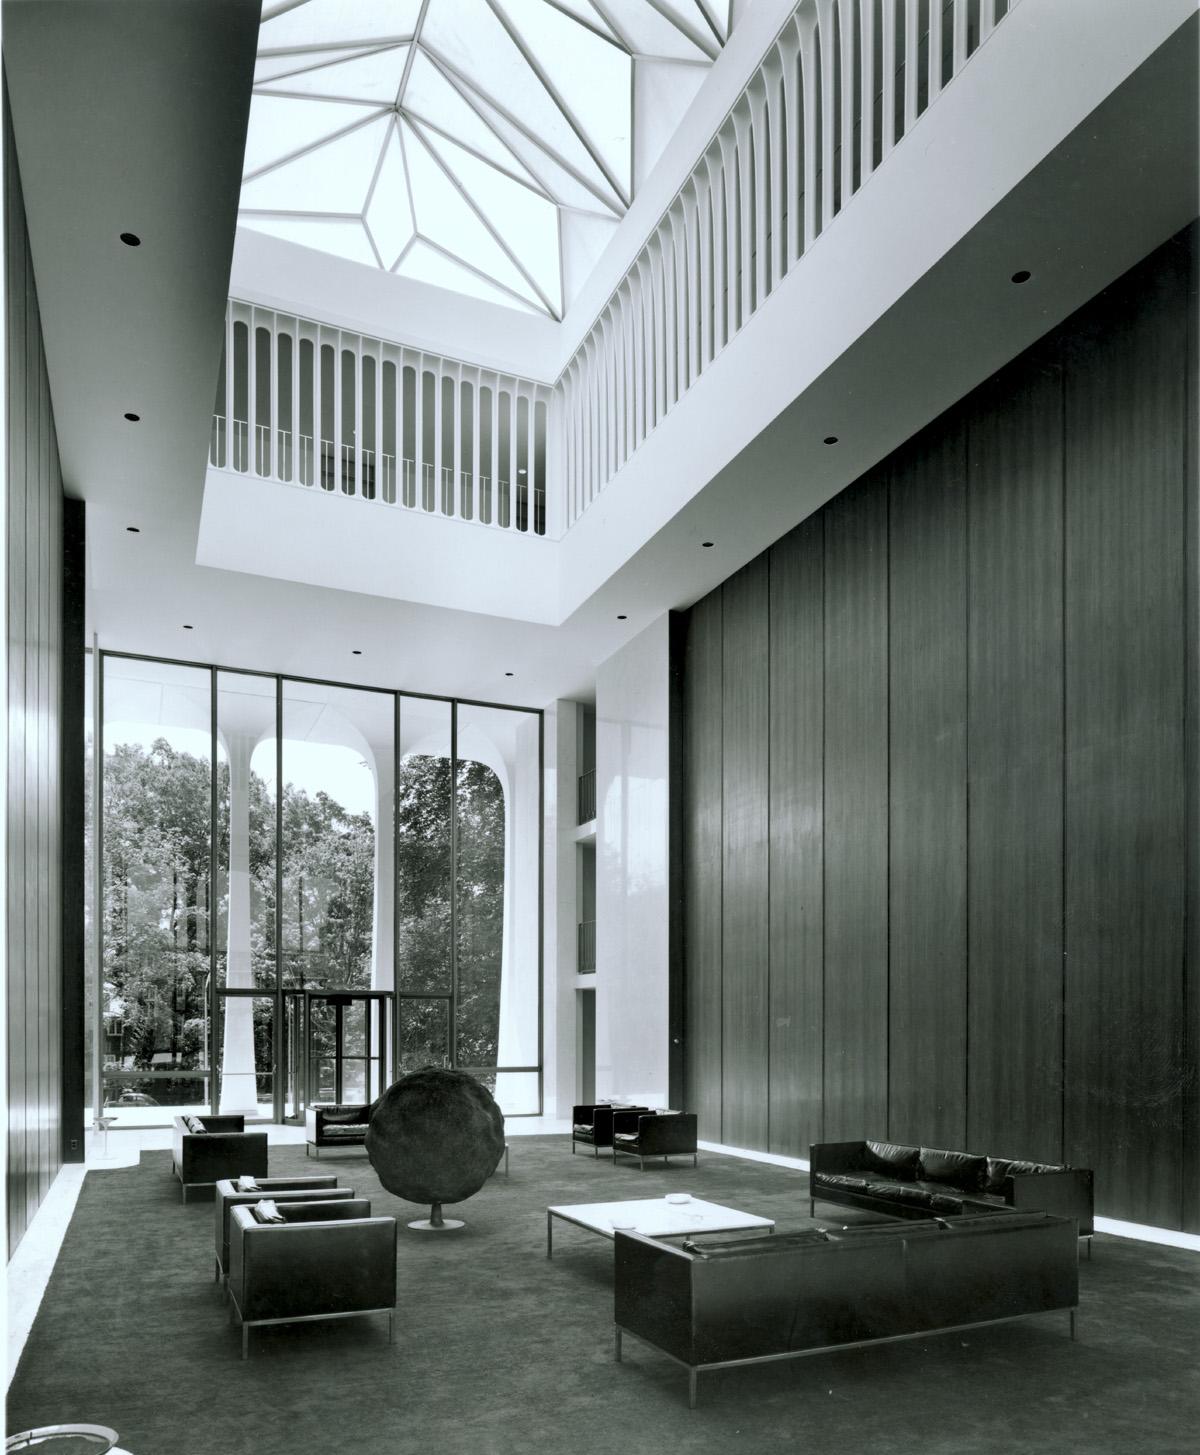 Architect: Minoru Yamasaki